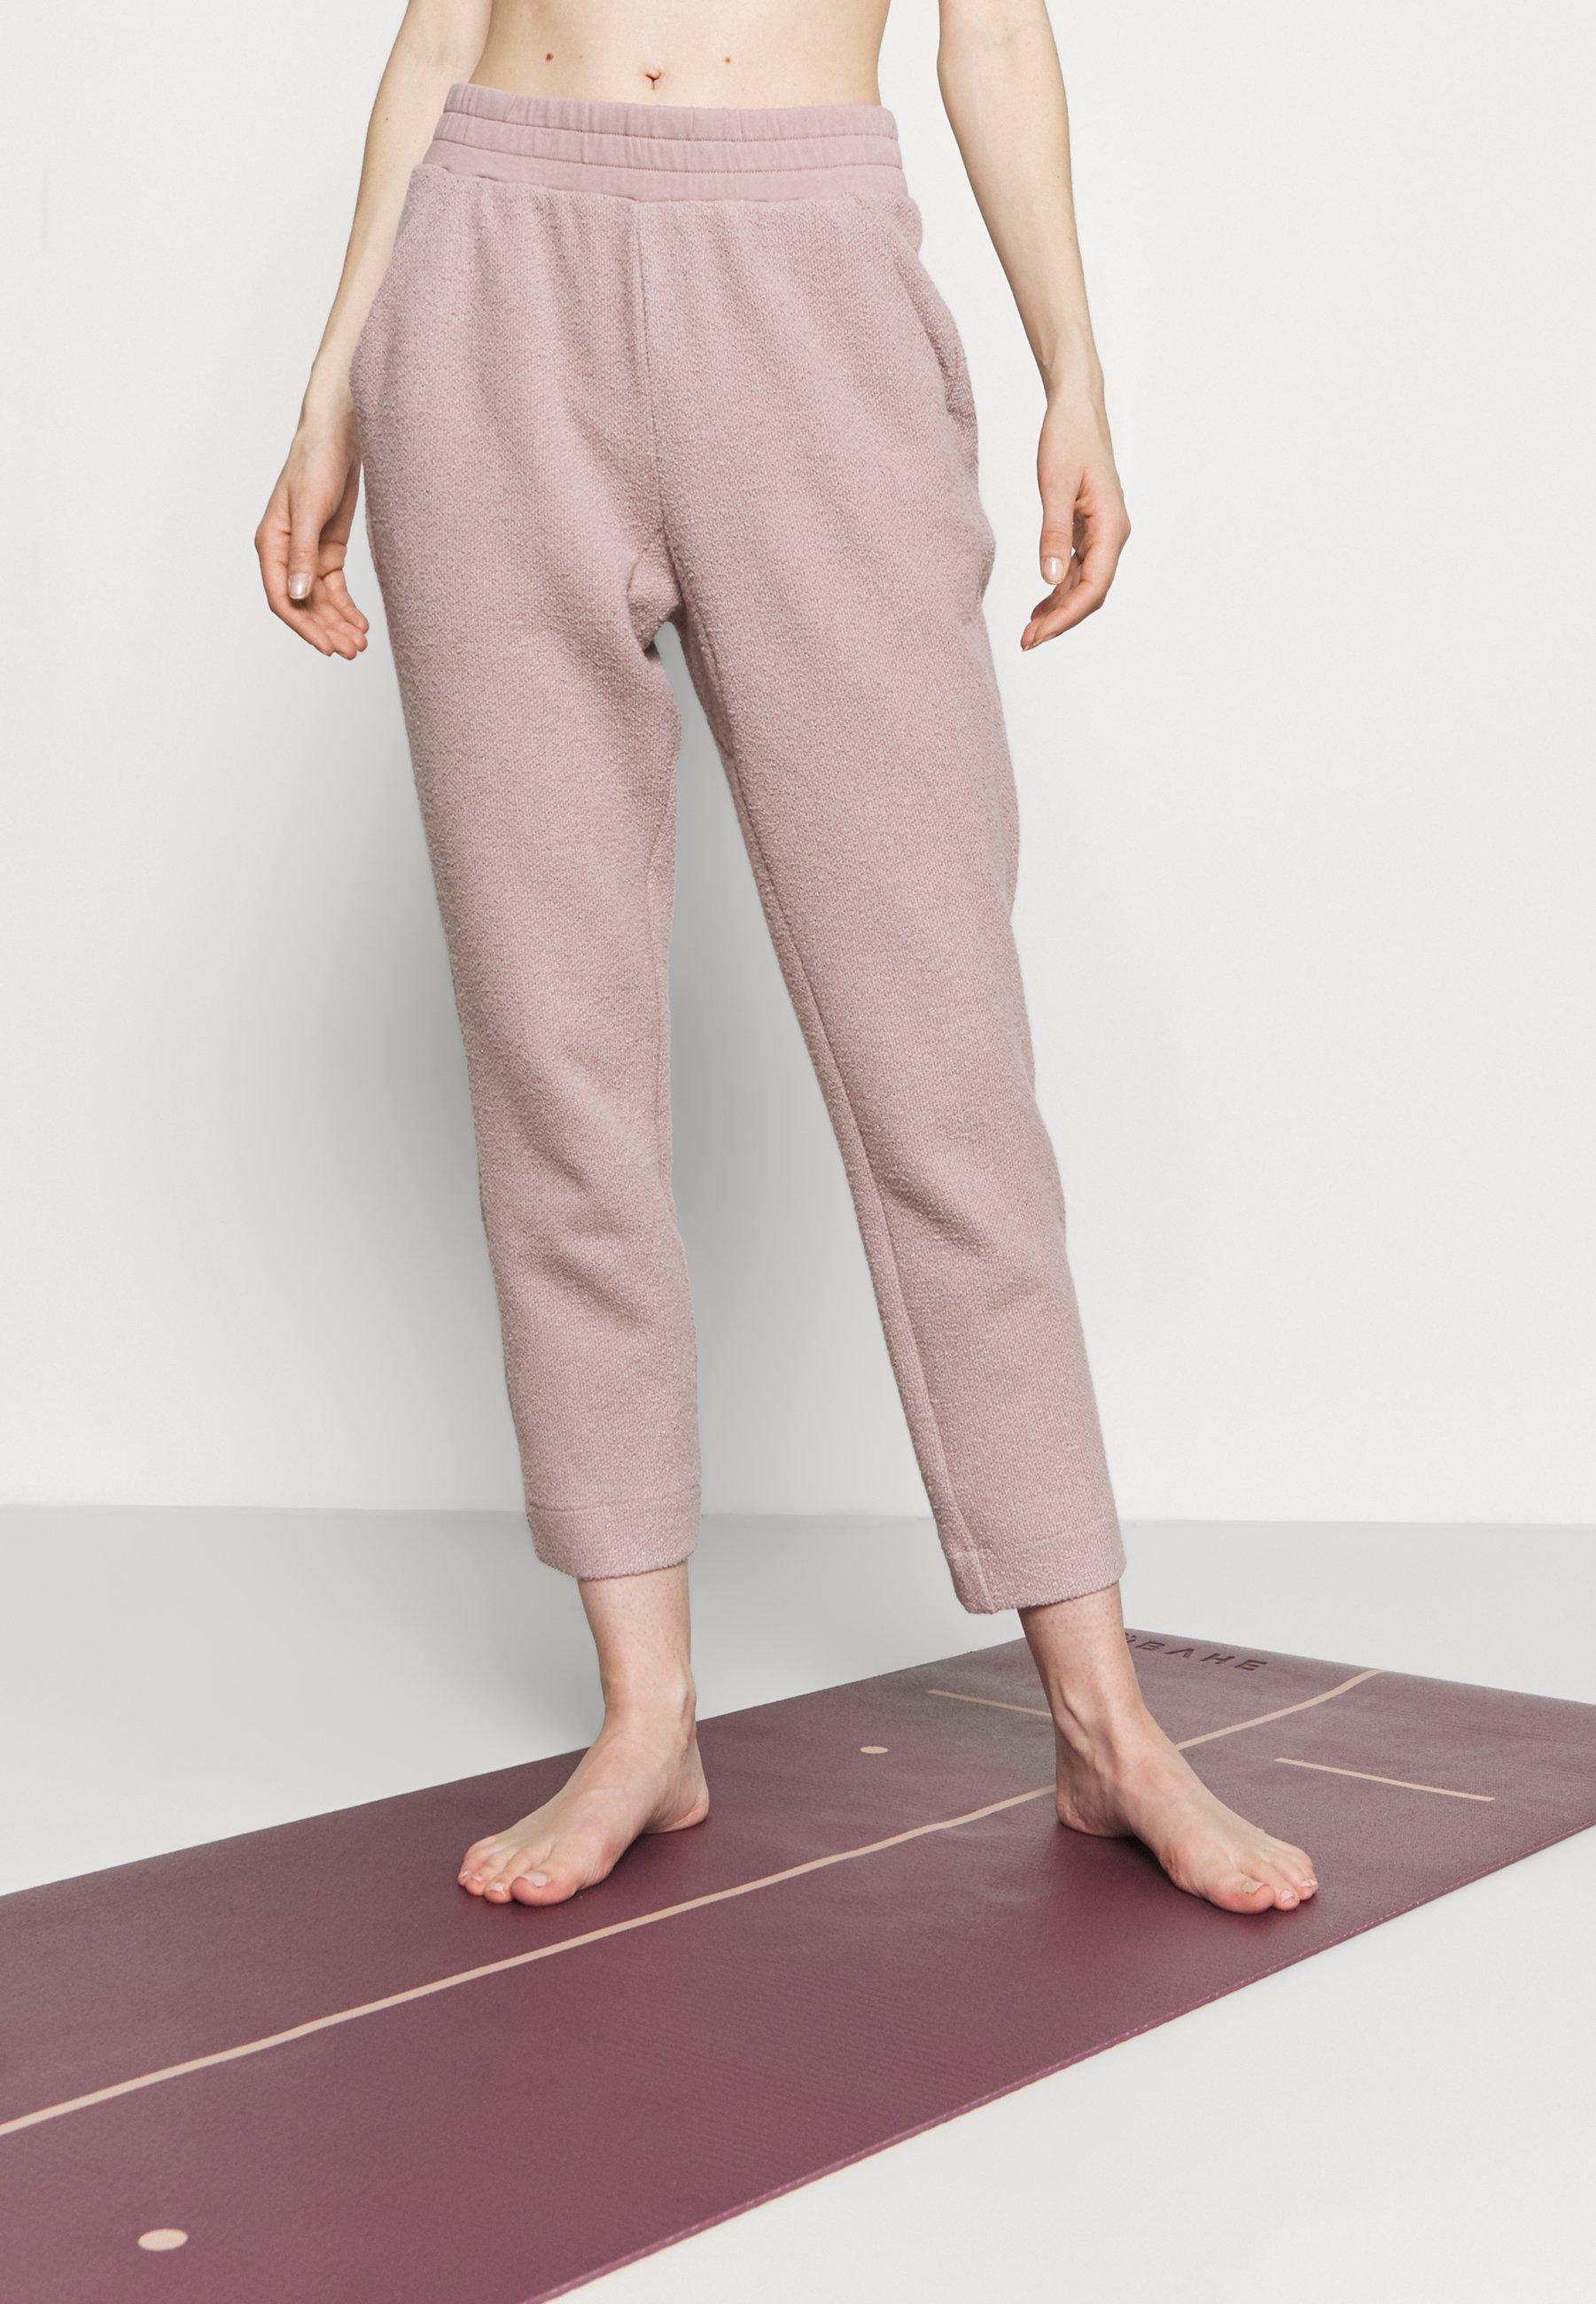 Femme BRYMHURST PANT - Pantalon de survêtement